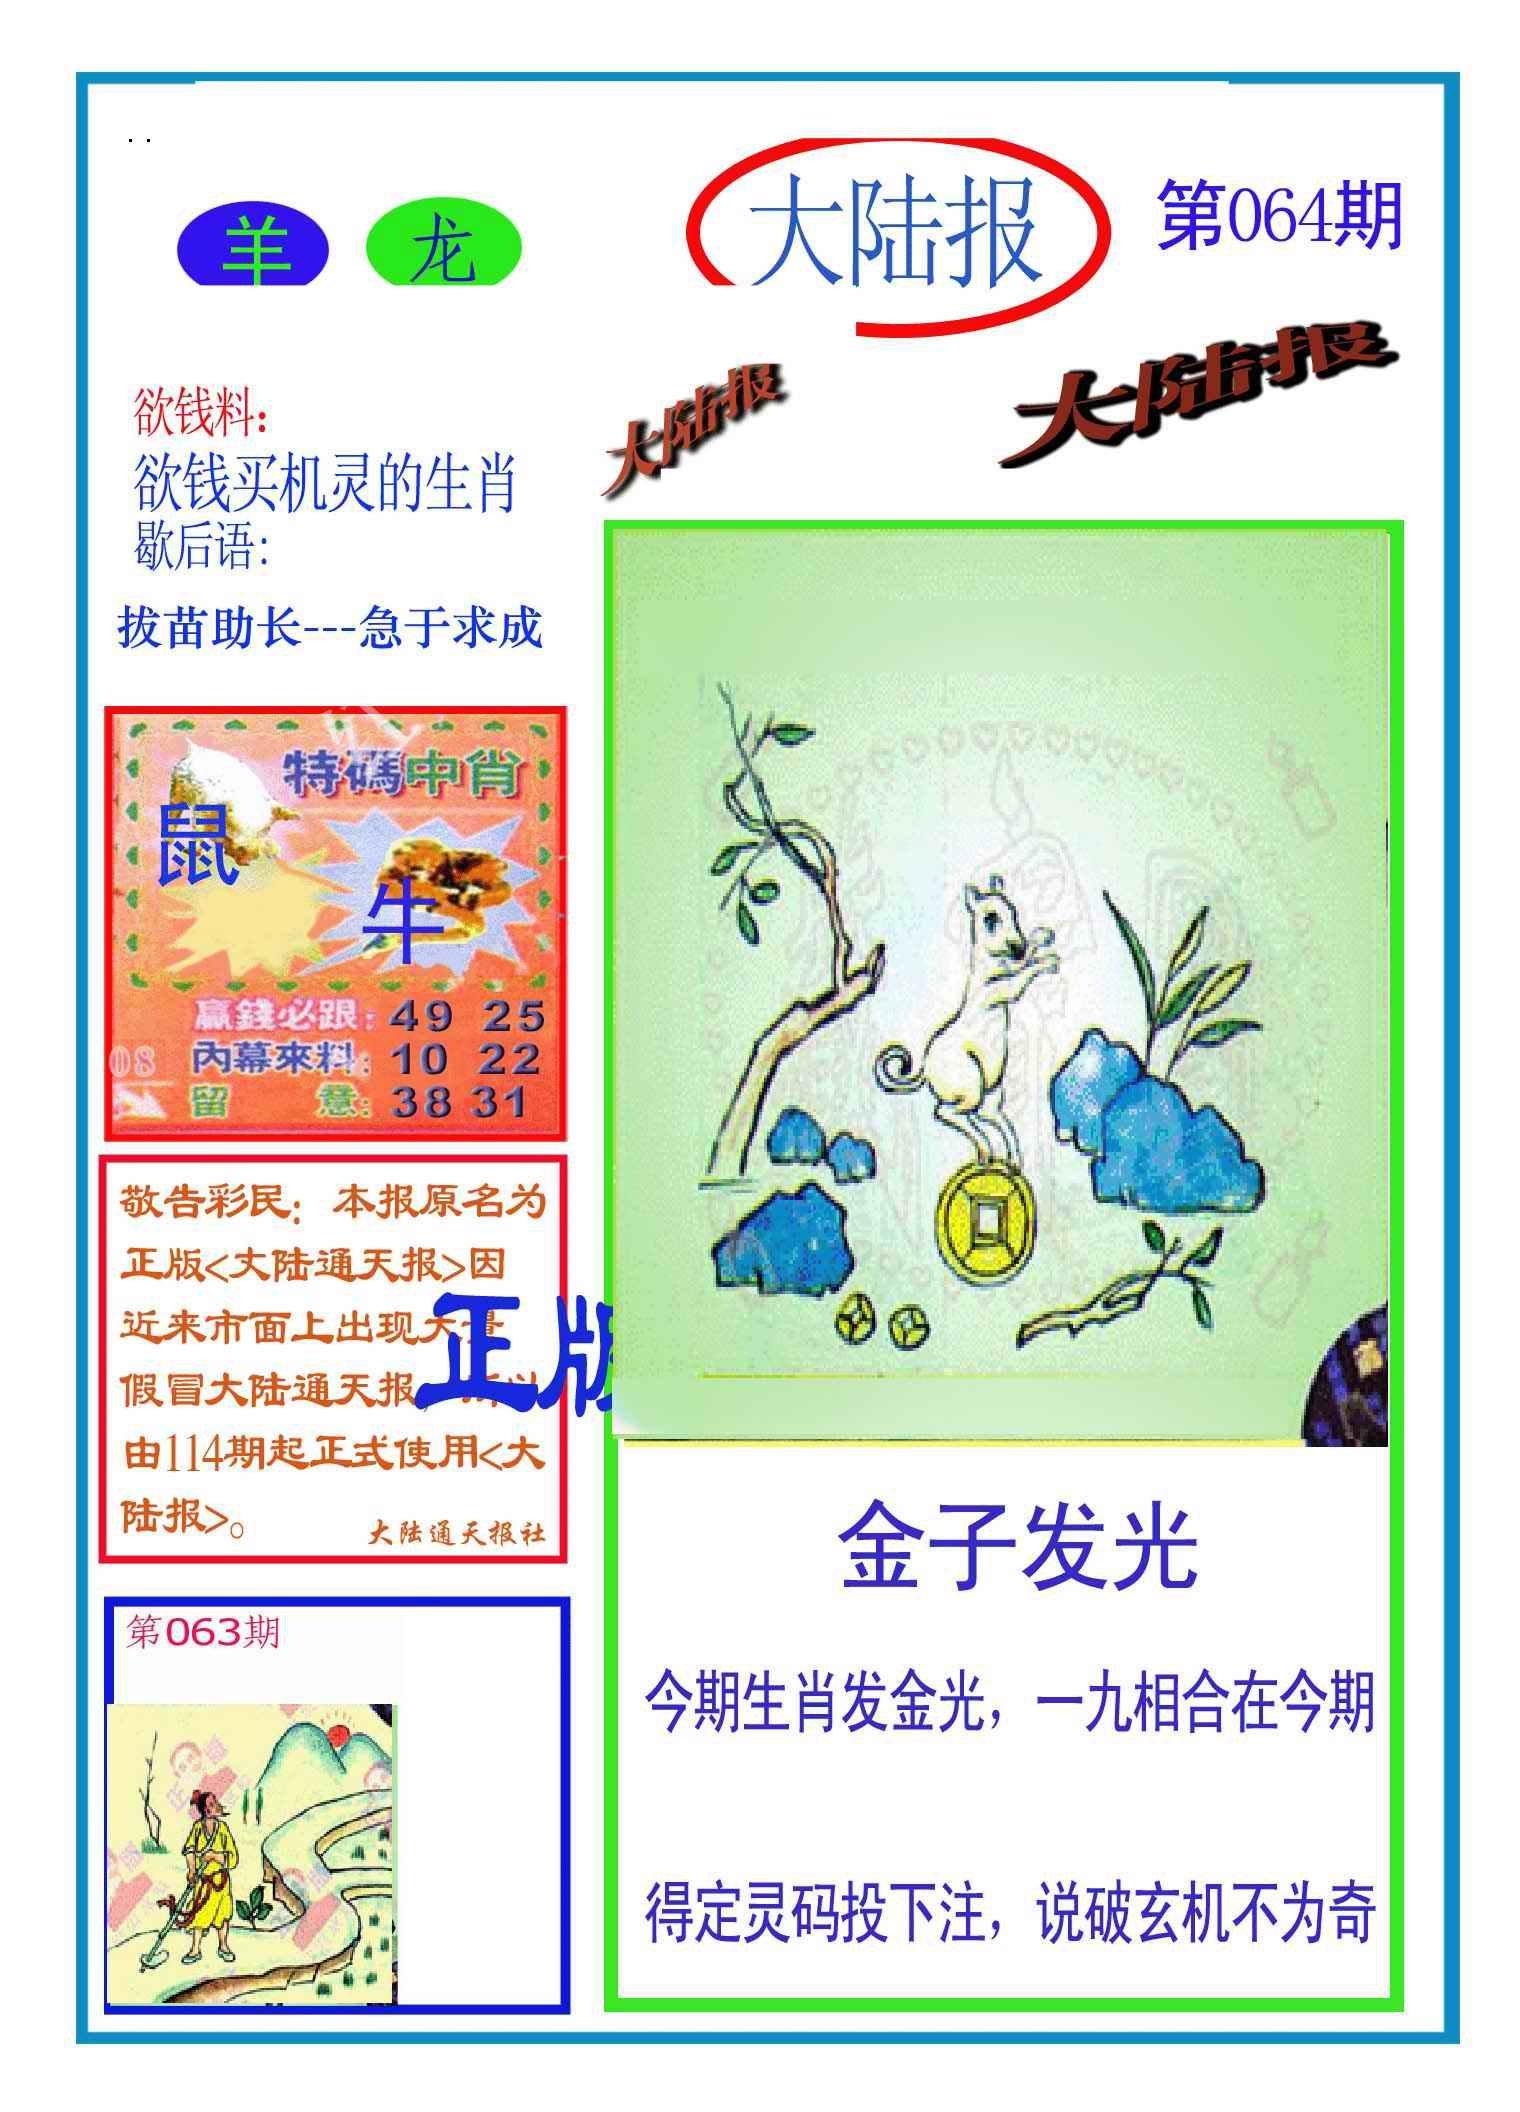 064期大陆报(新图)